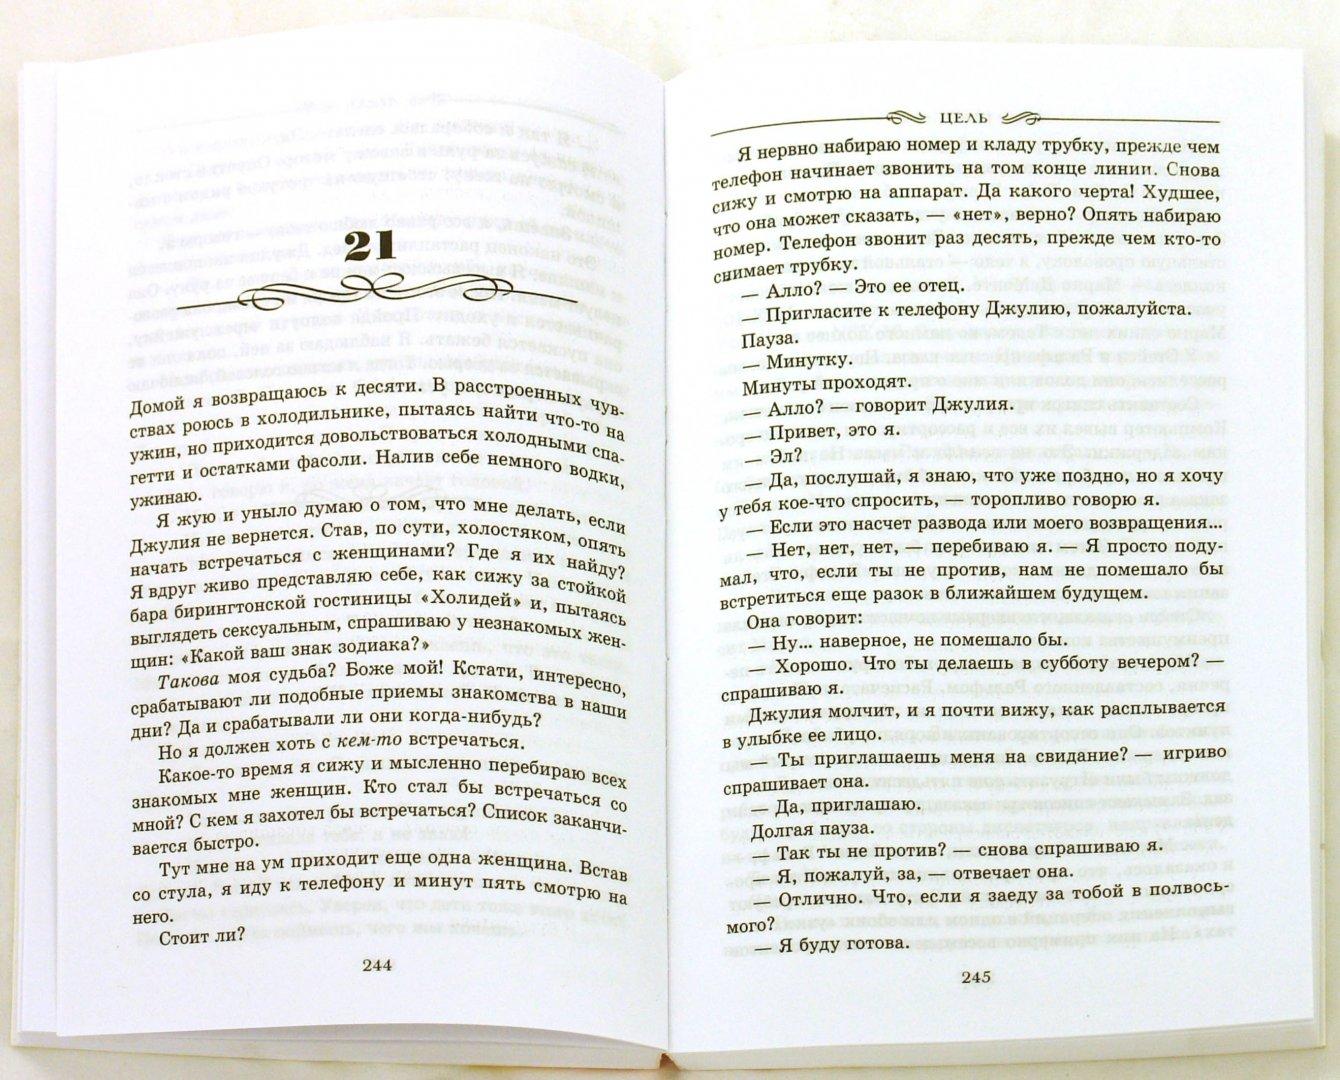 Иллюстрация 1 из 2 для Цель: процесс непрерывного совершенствования - Голдратт, Кокс   Лабиринт - книги. Источник: Лабиринт